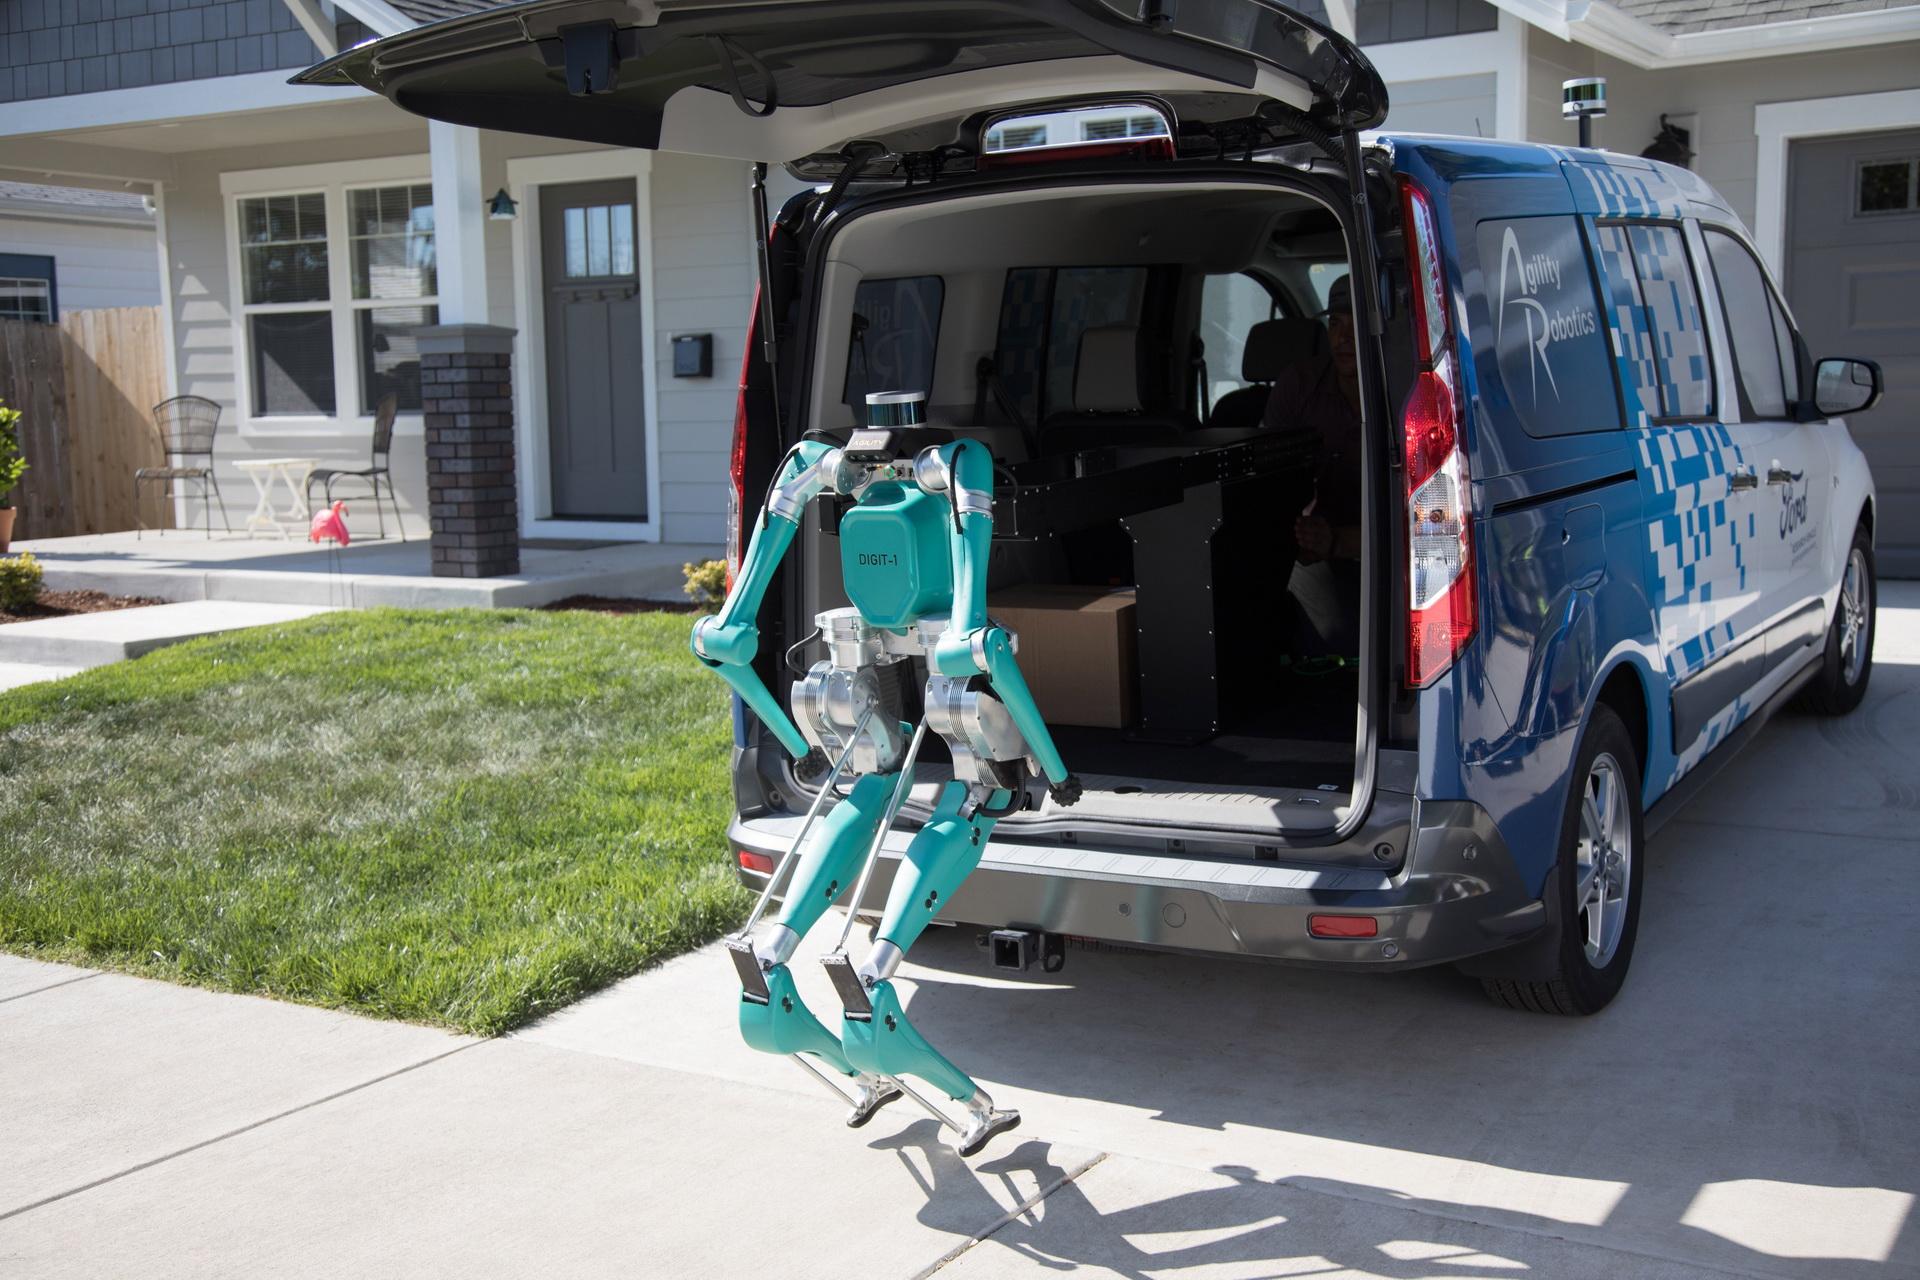 Ford phát triển Digit robot giao hàng tự động đến tận cửa - 9